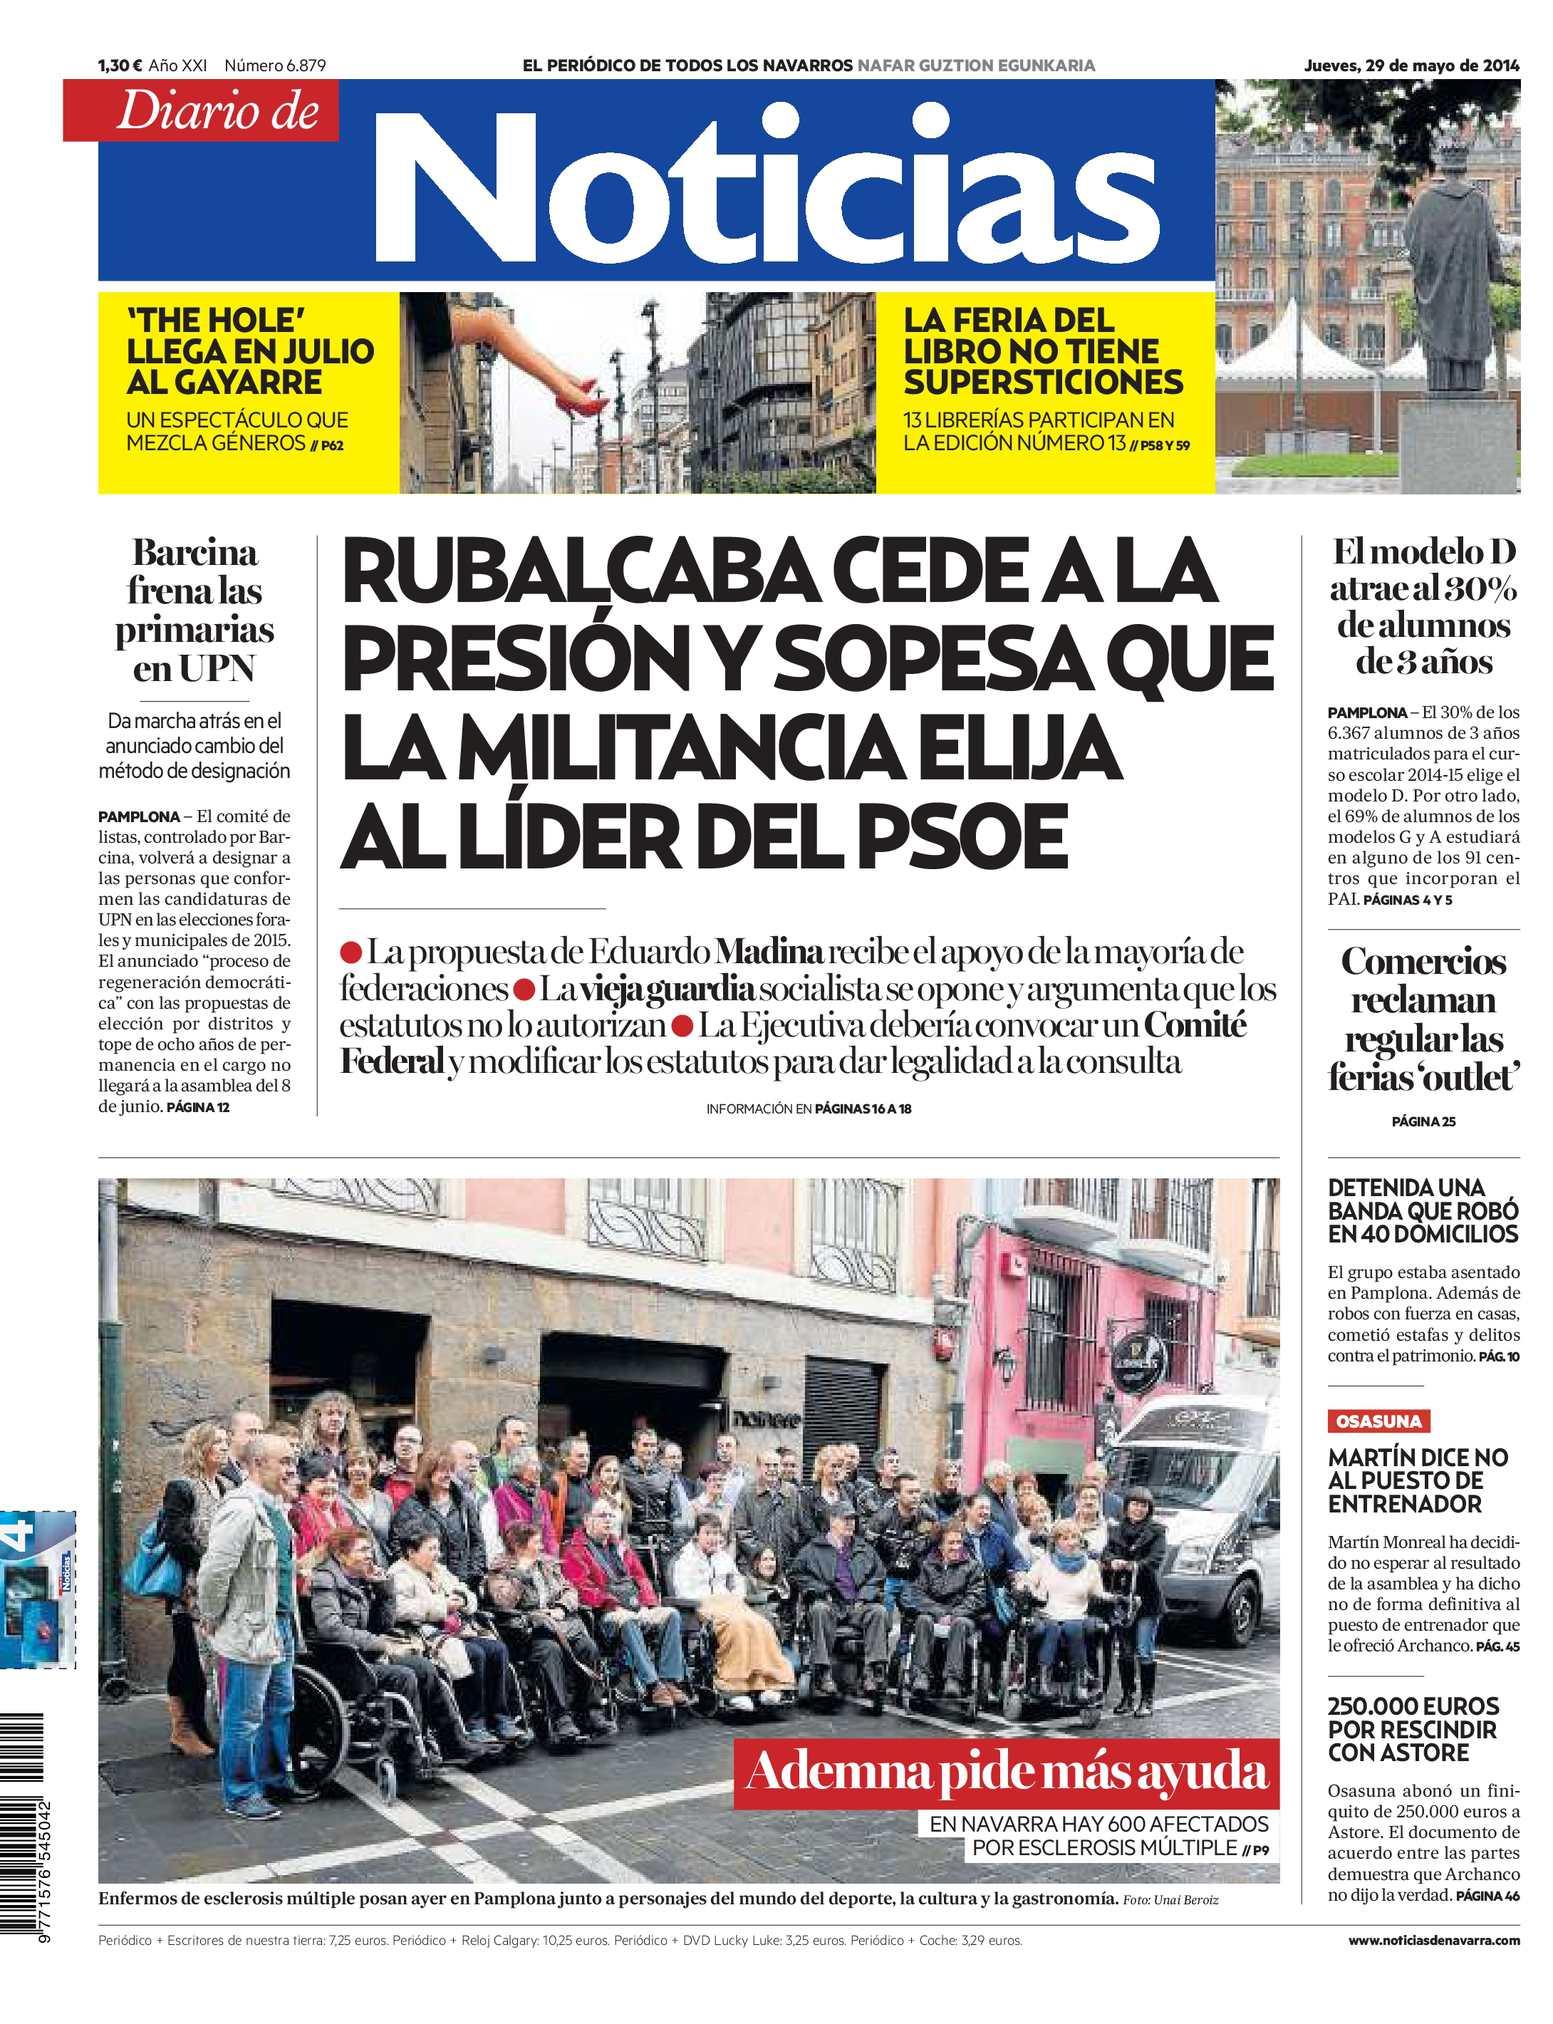 Calaméo - Diario de Noticias 20140529